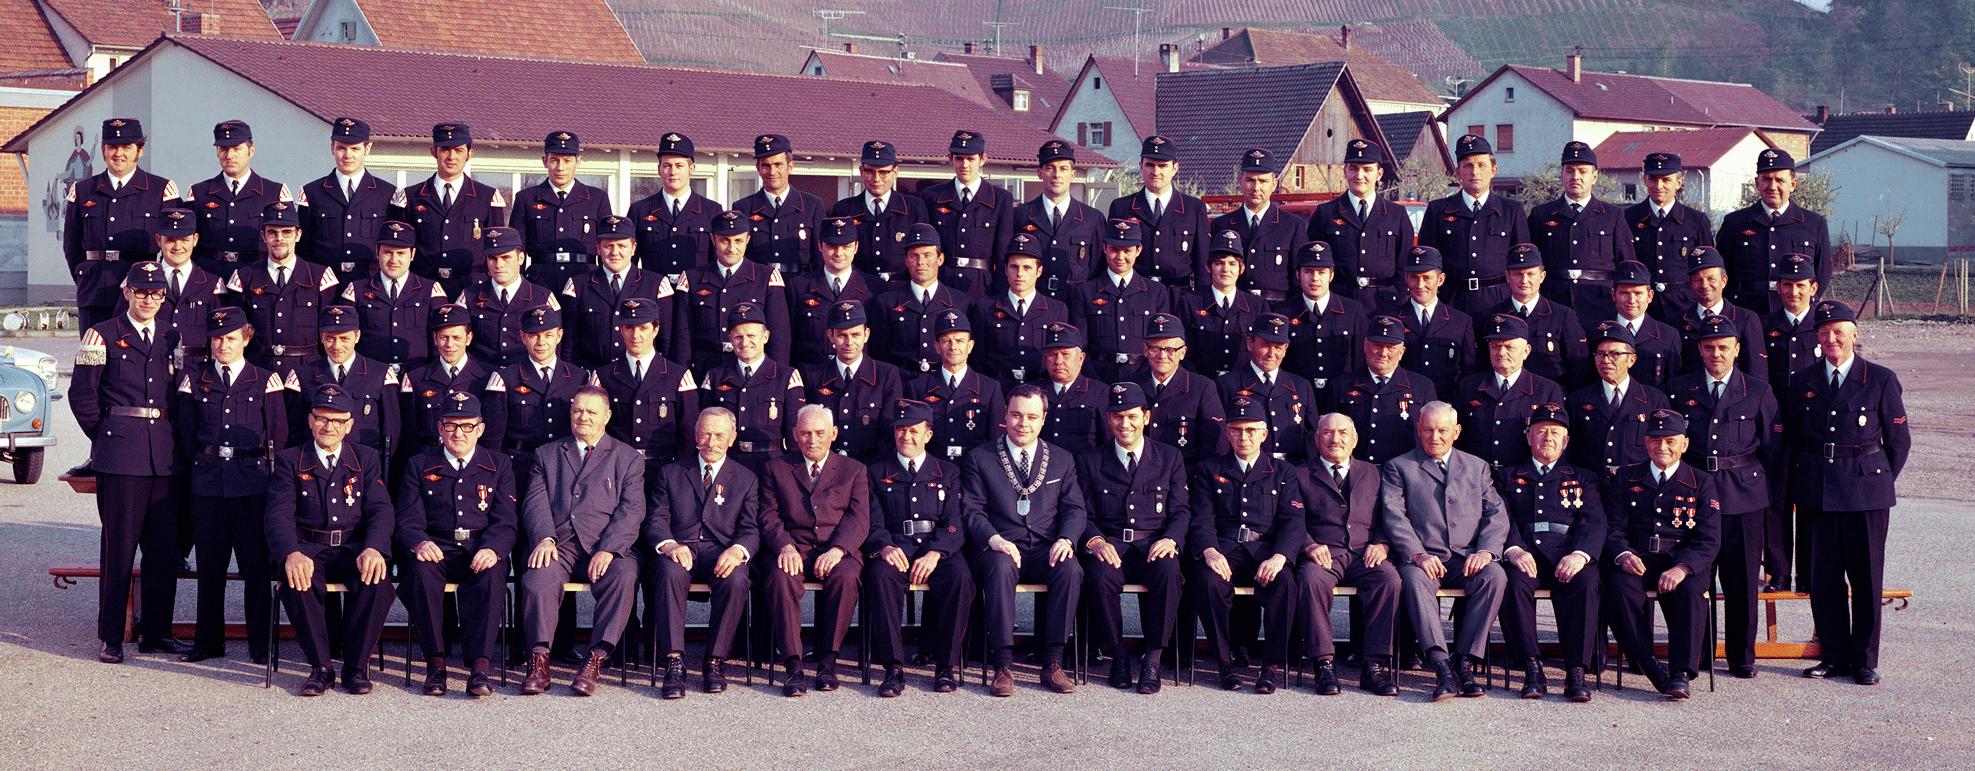 FFW-Ortenberg_1970